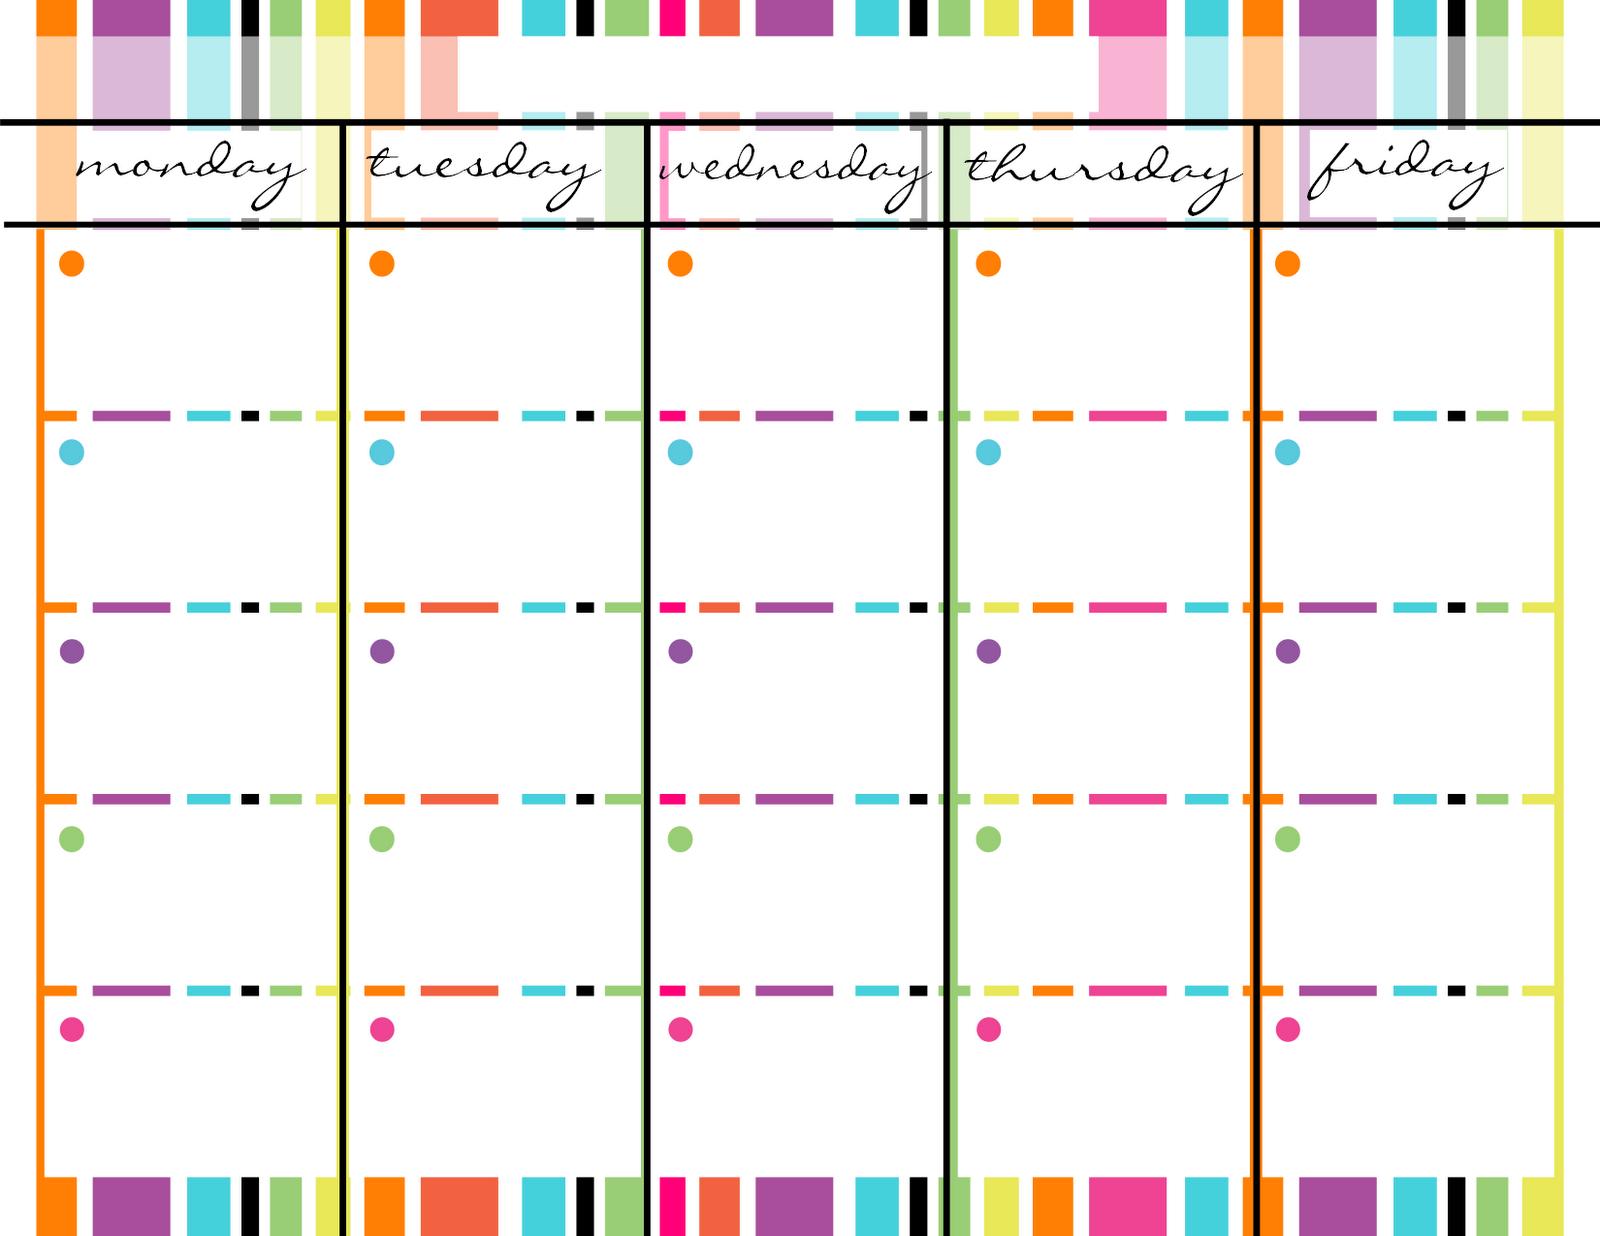 Blank Monday Through Friday Printable Calendar | Calendar Calendar Monday To Friday